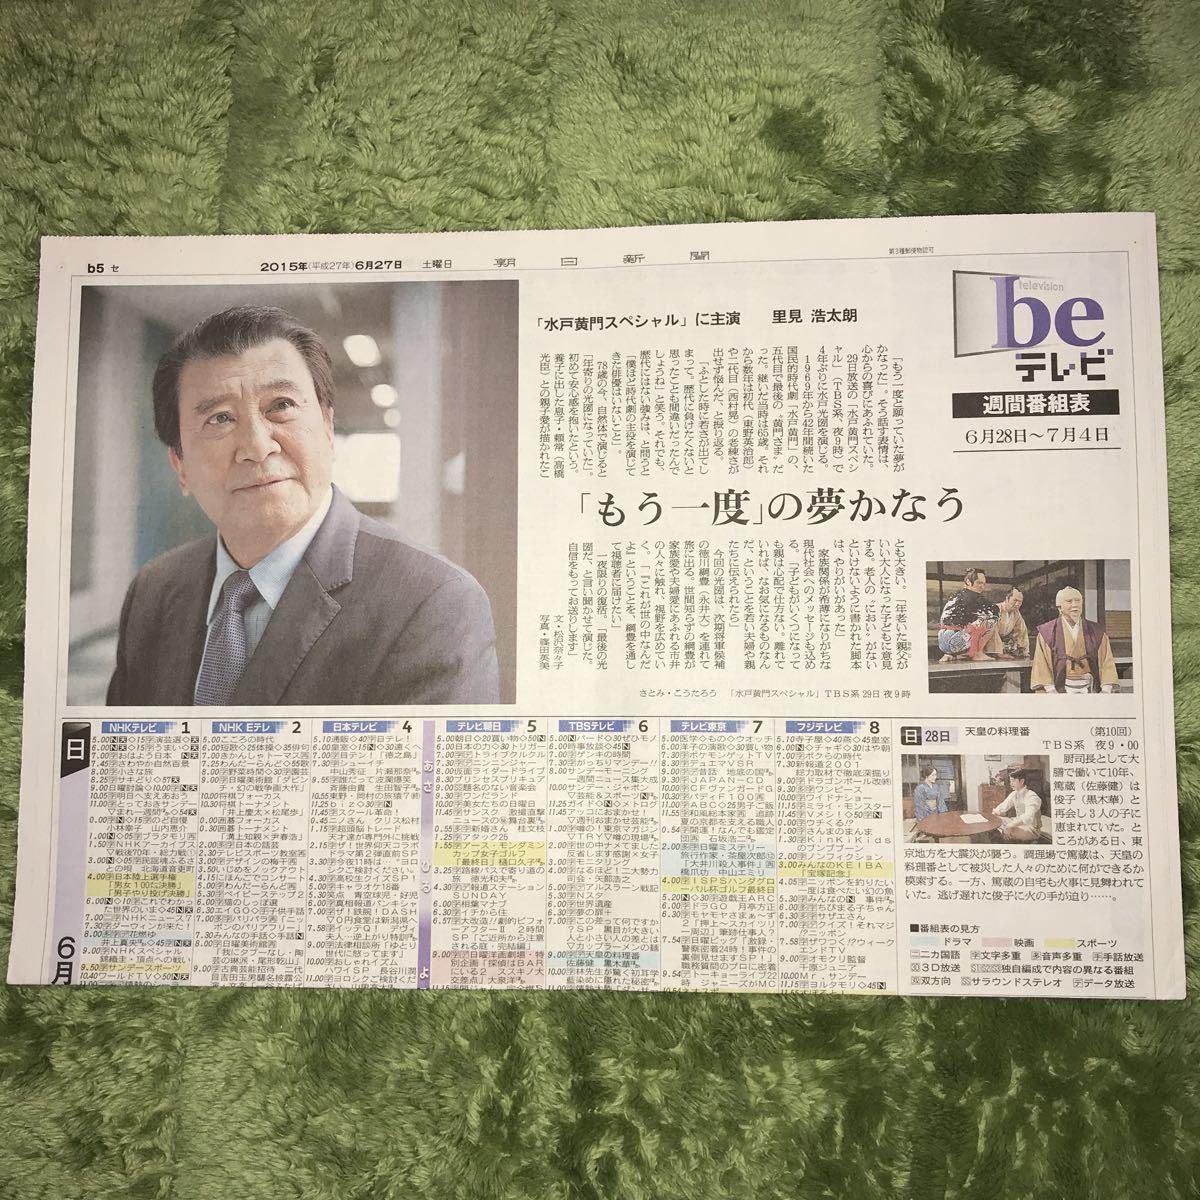 2015年6月27日 里見浩太朗 新聞記事 「水戸黄門スペシャル」_画像1